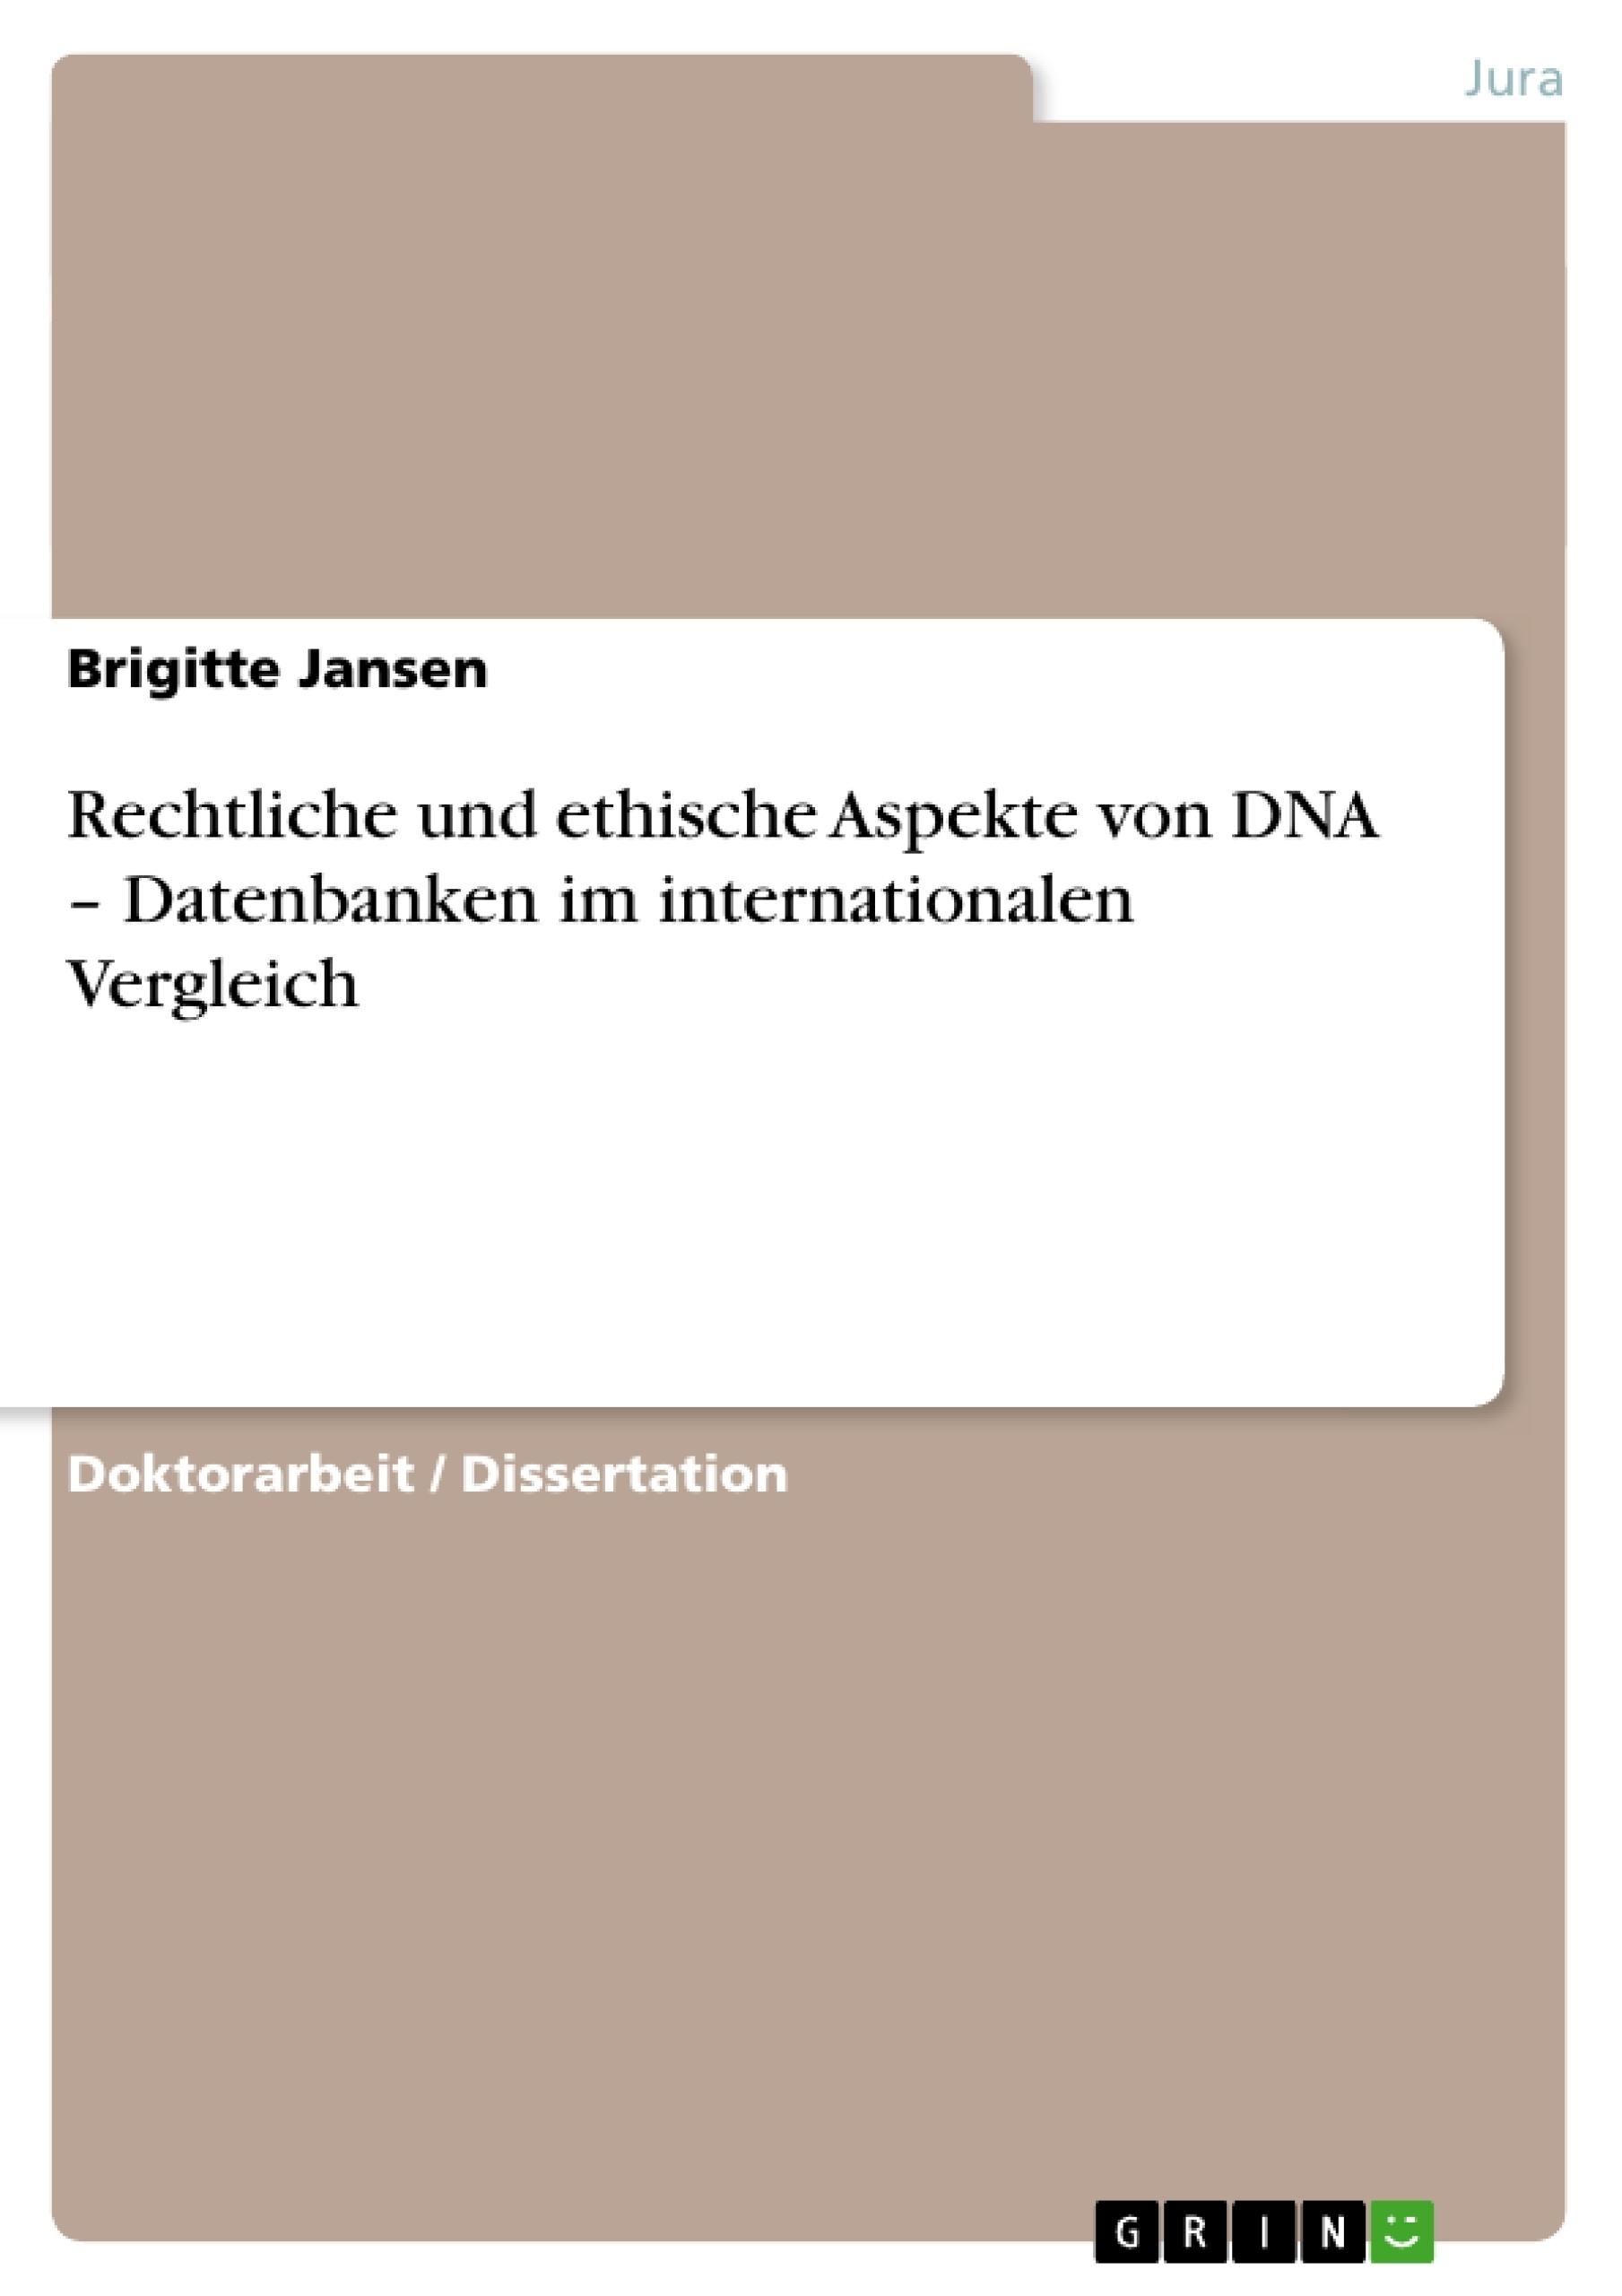 Titel: Rechtliche und ethische Aspekte von  DNA – Datenbanken im internationalen Vergleich